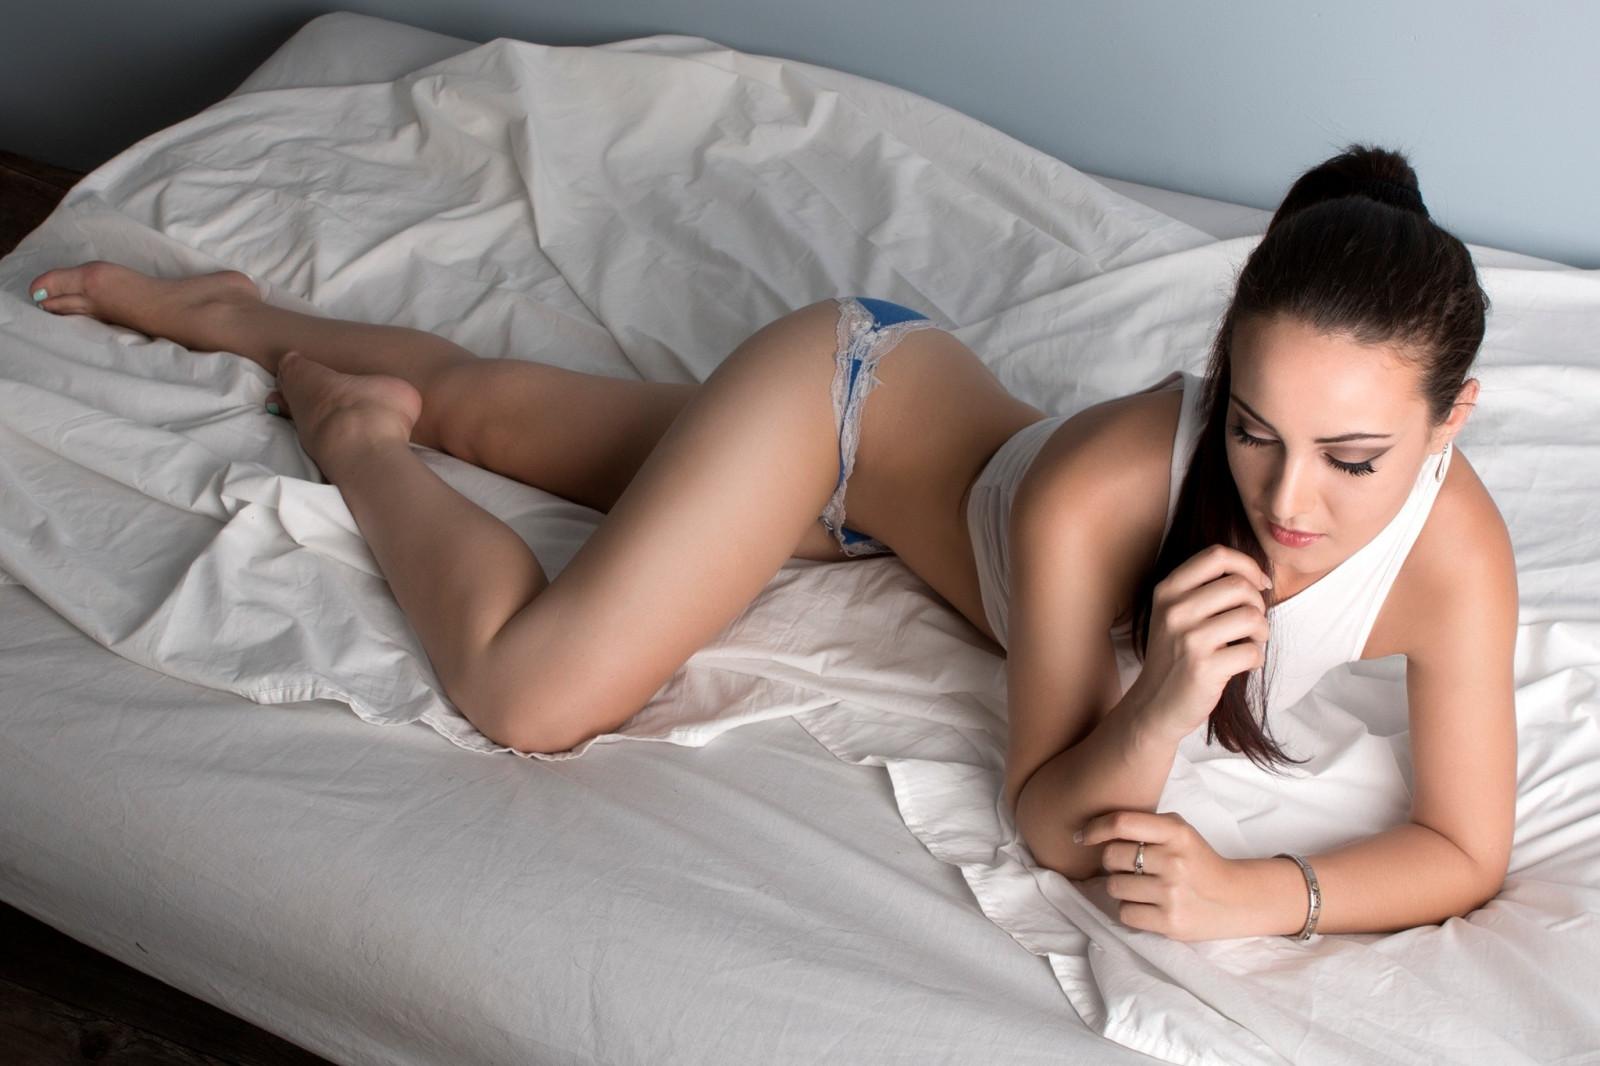 v-posteli-u-yunnoy-zasunul-predmeti-v-pizde-vlagalishe-ochke-zhope-anuse-anale-porno-foto